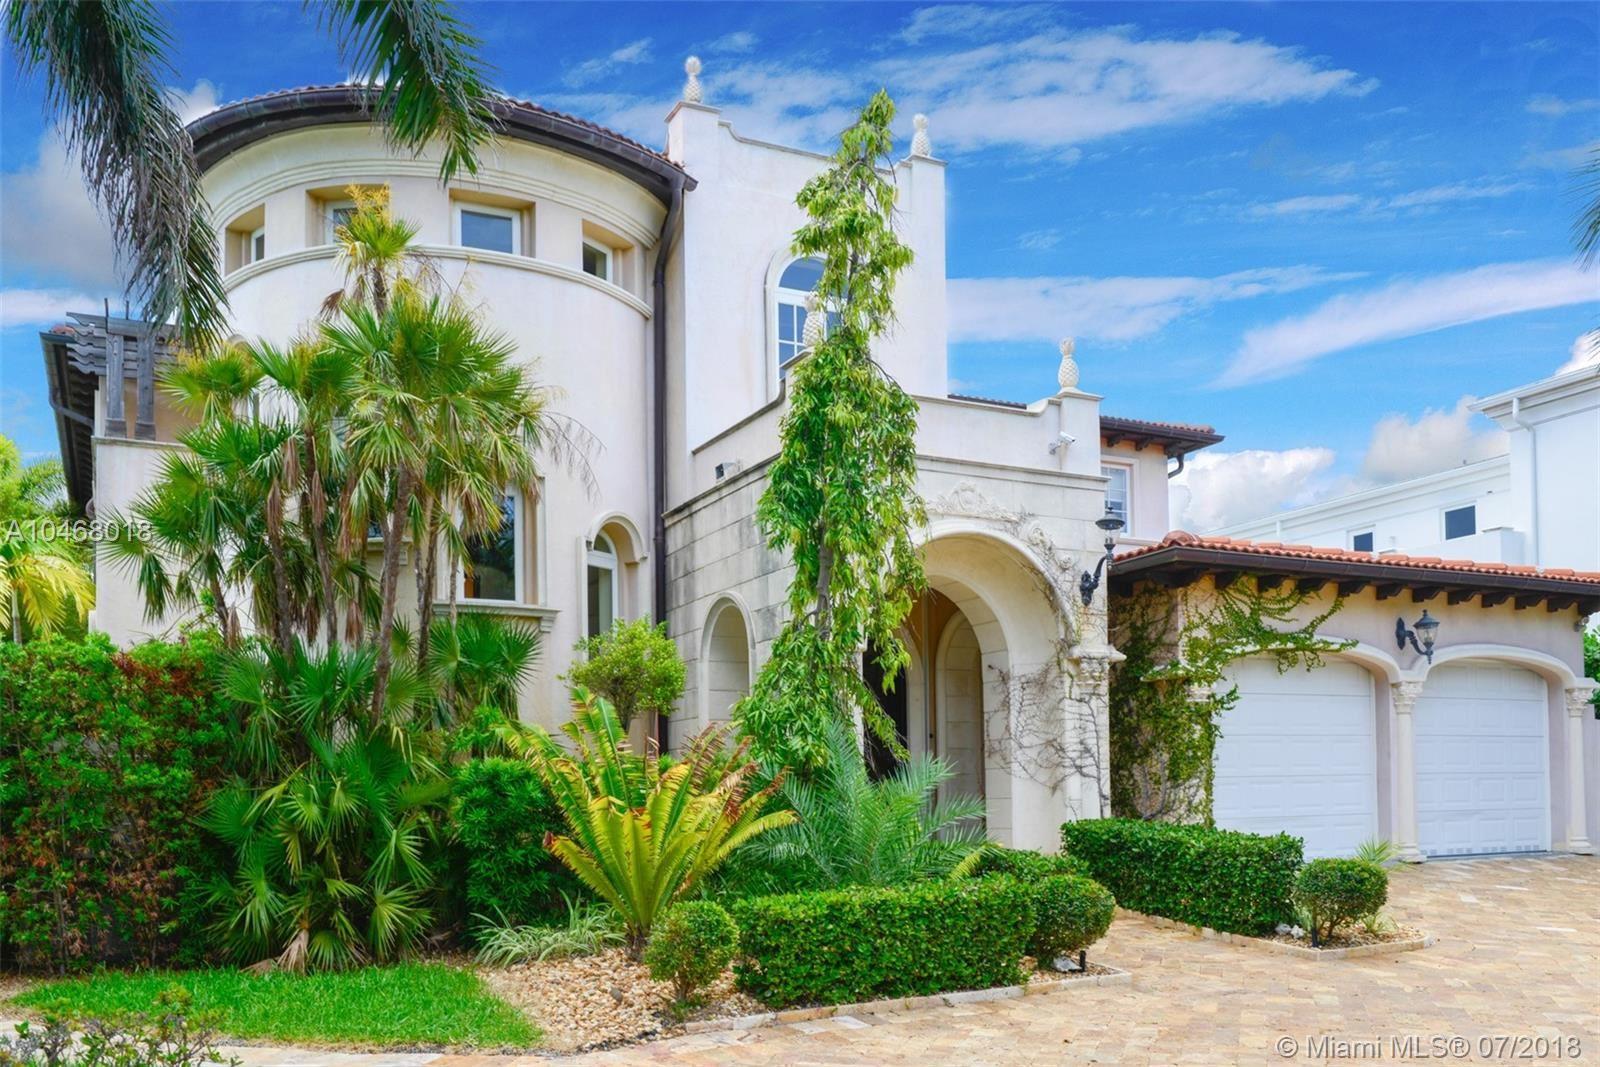 428 Golden Beach Dr, Golden Beach, FL 33160 - #: A10468018